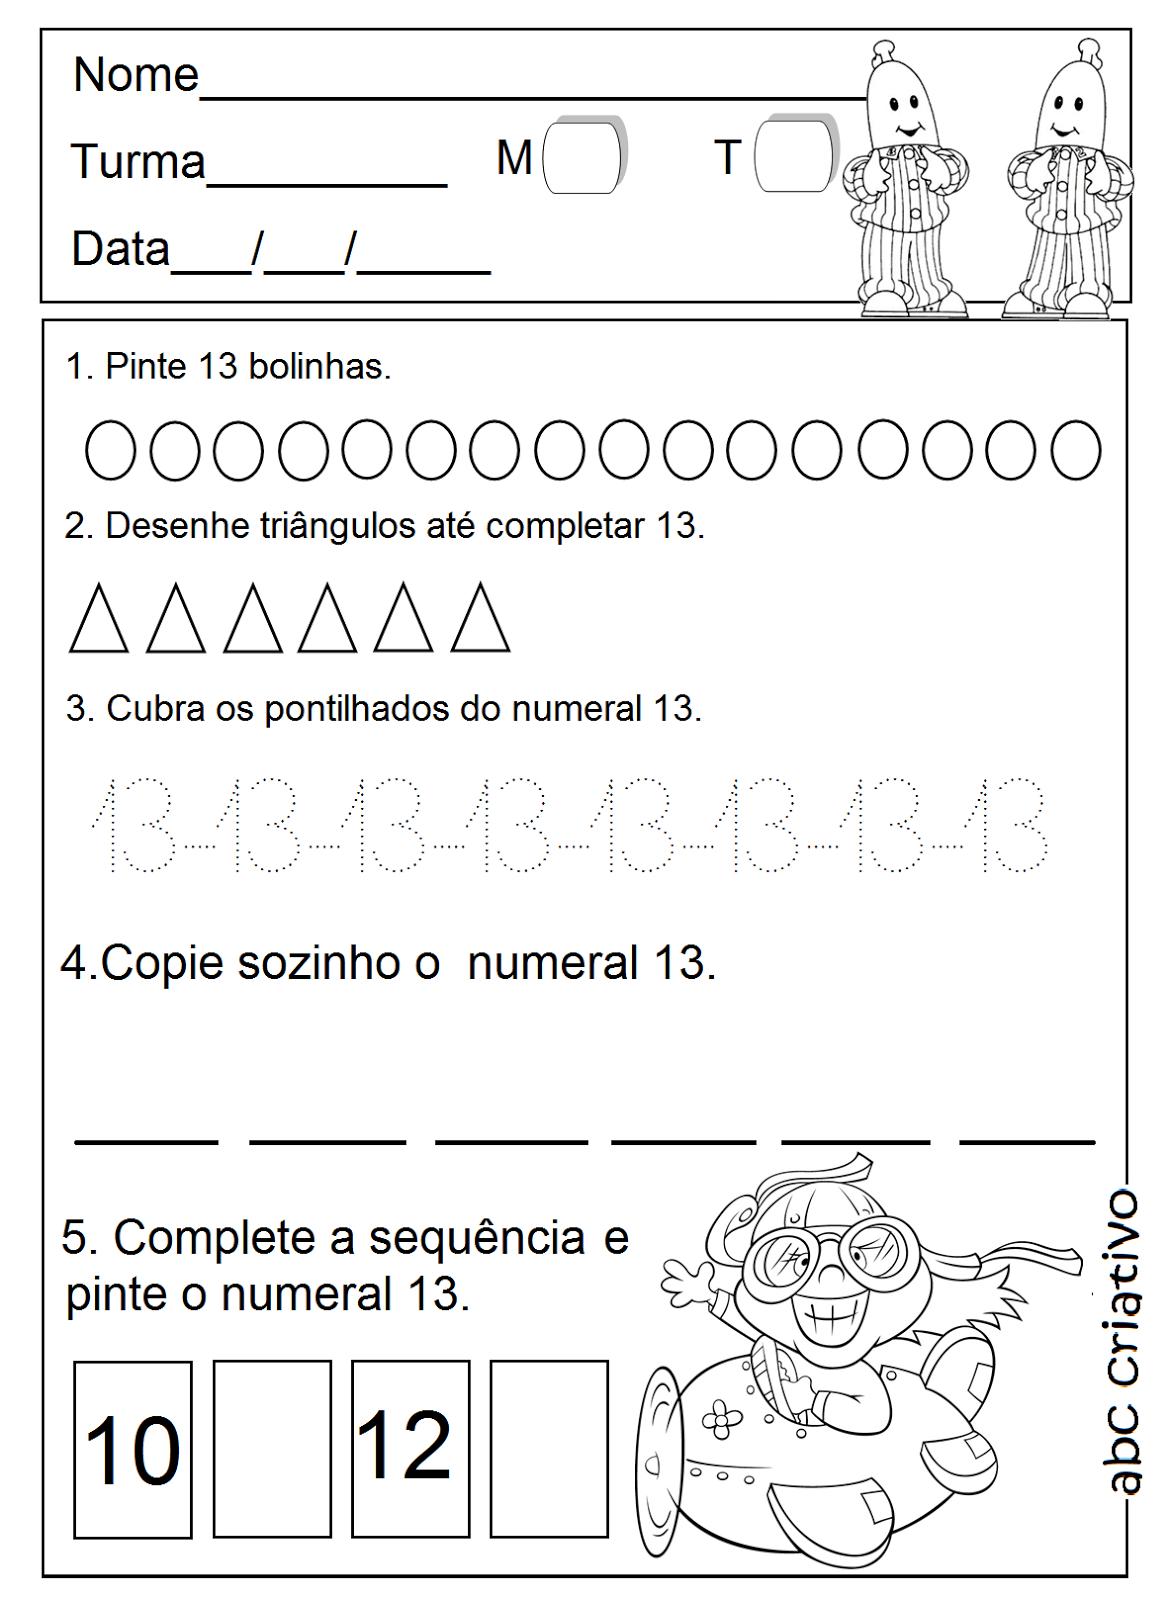 18 Numeral Worksheet